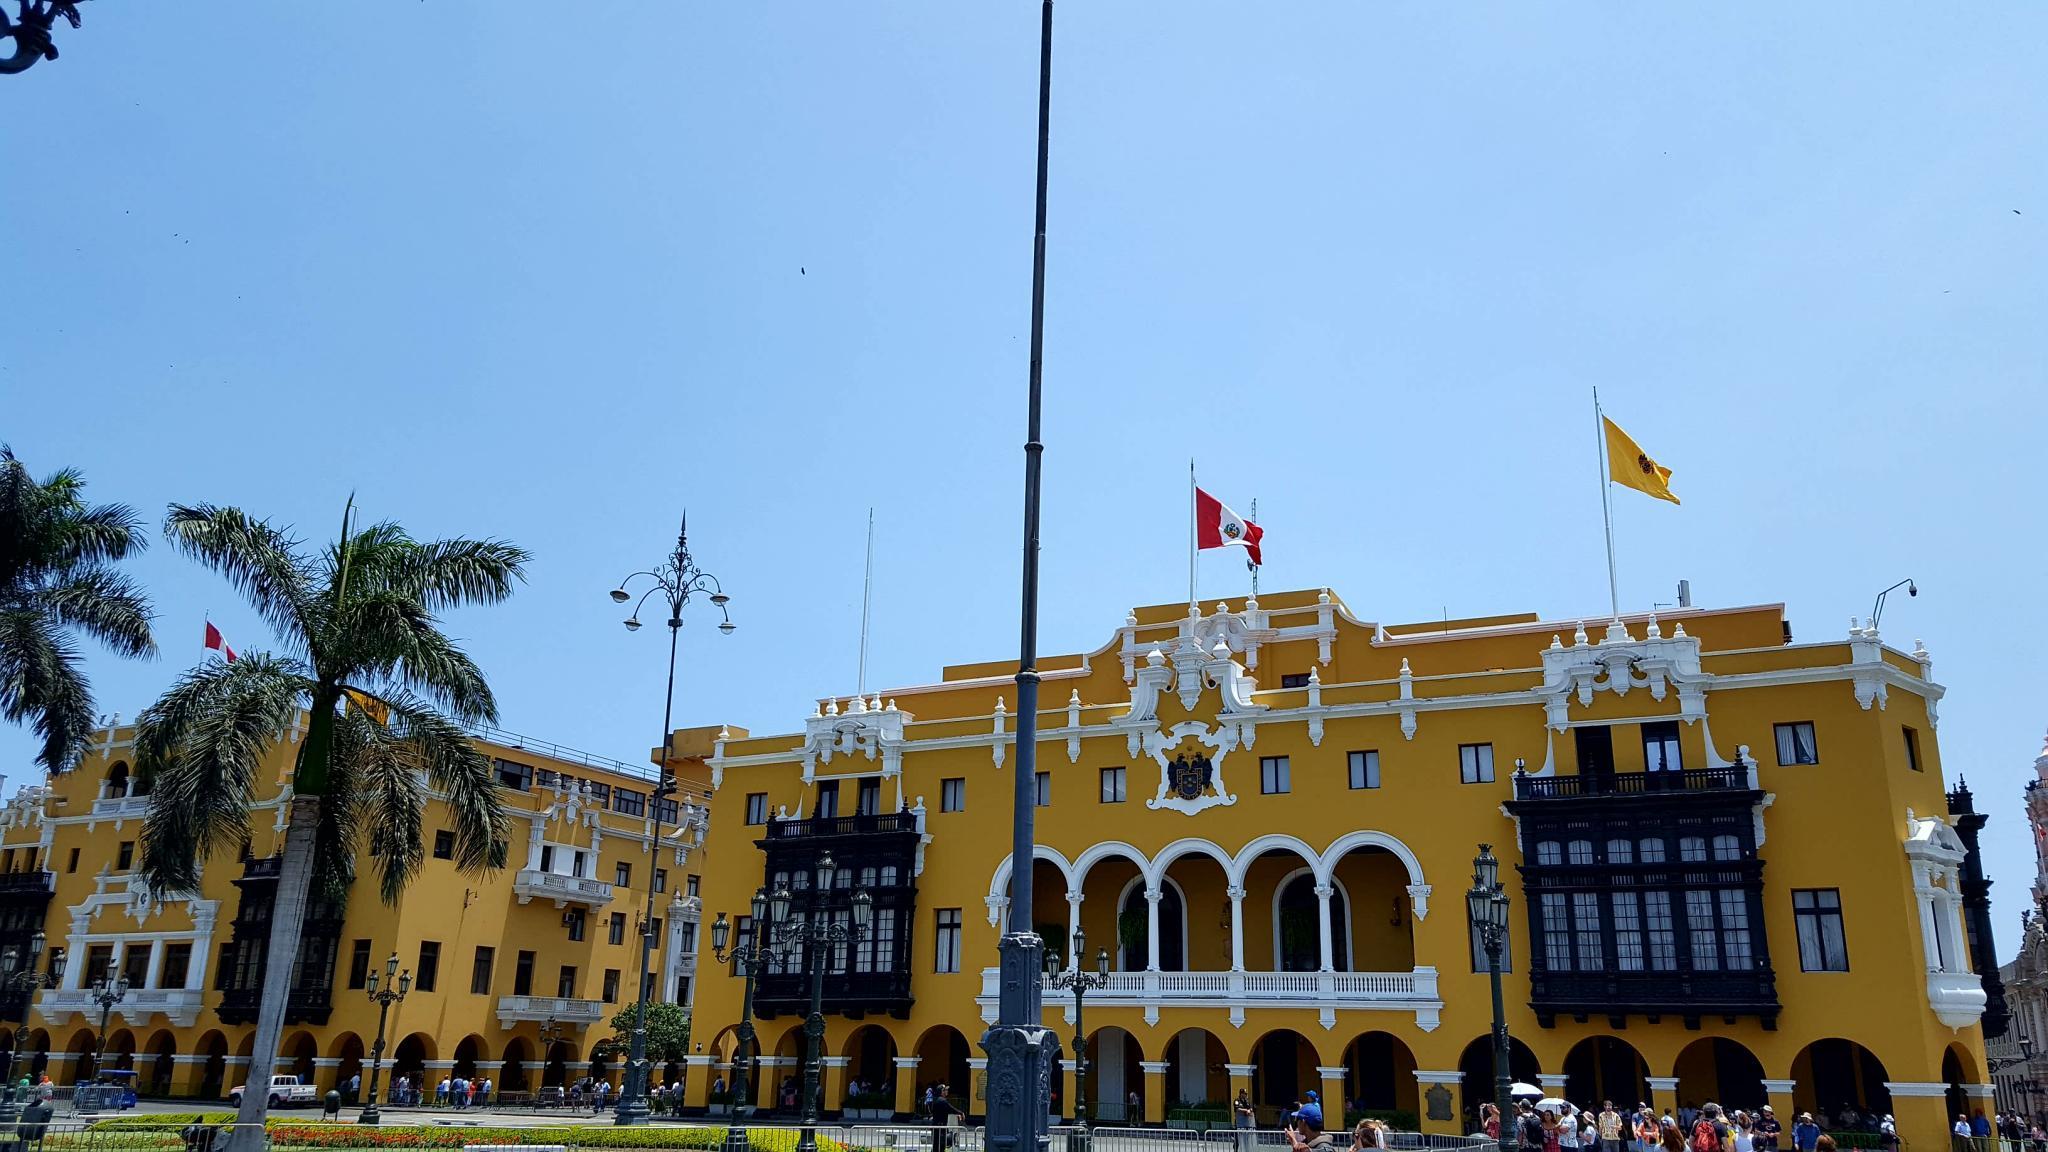 Peru: Lima, Cusco and Machu Picchu-20200309_122441-jpg